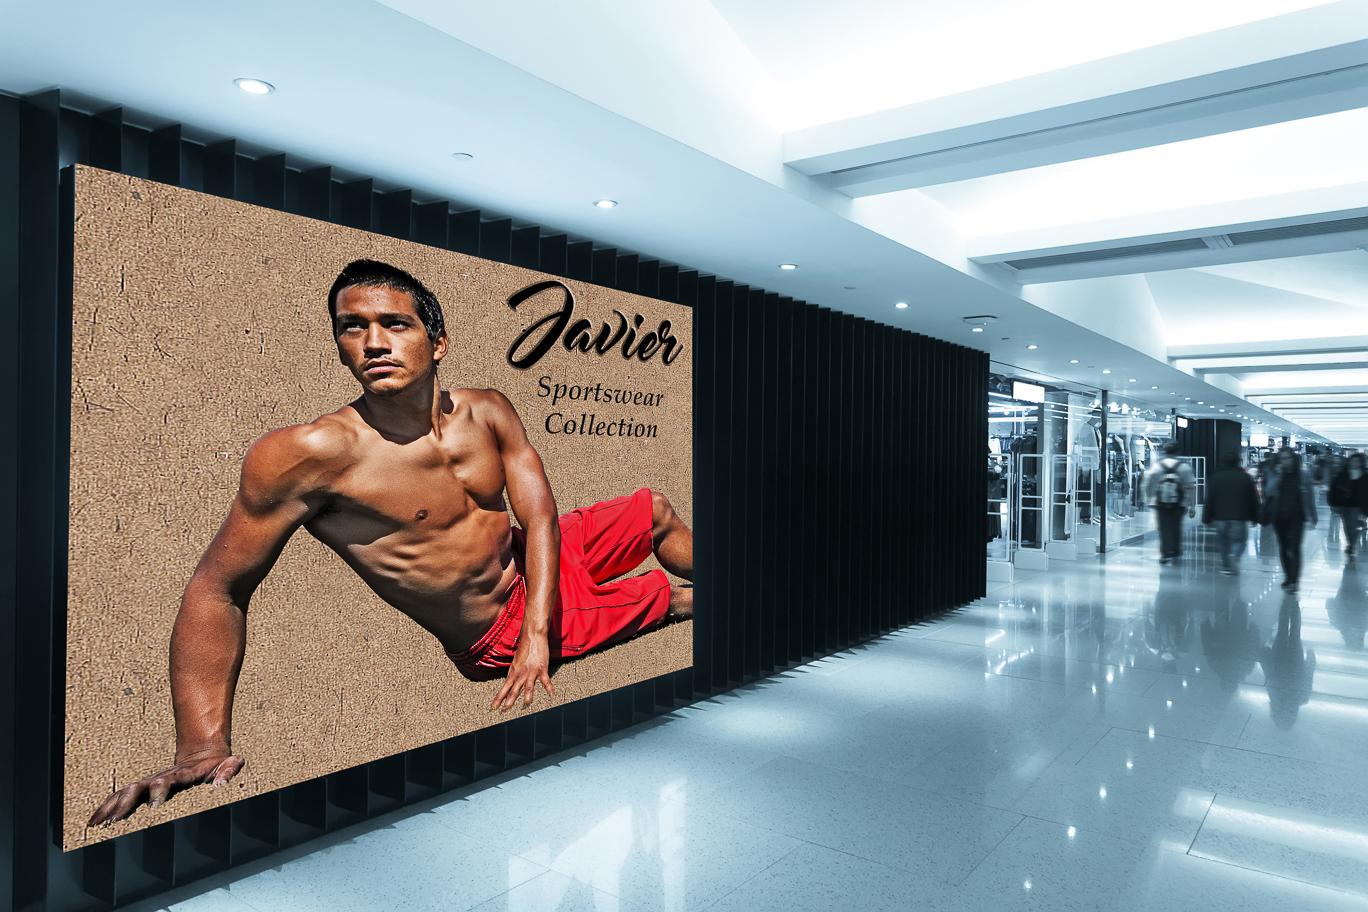 Javier Sportswear Billboard 2